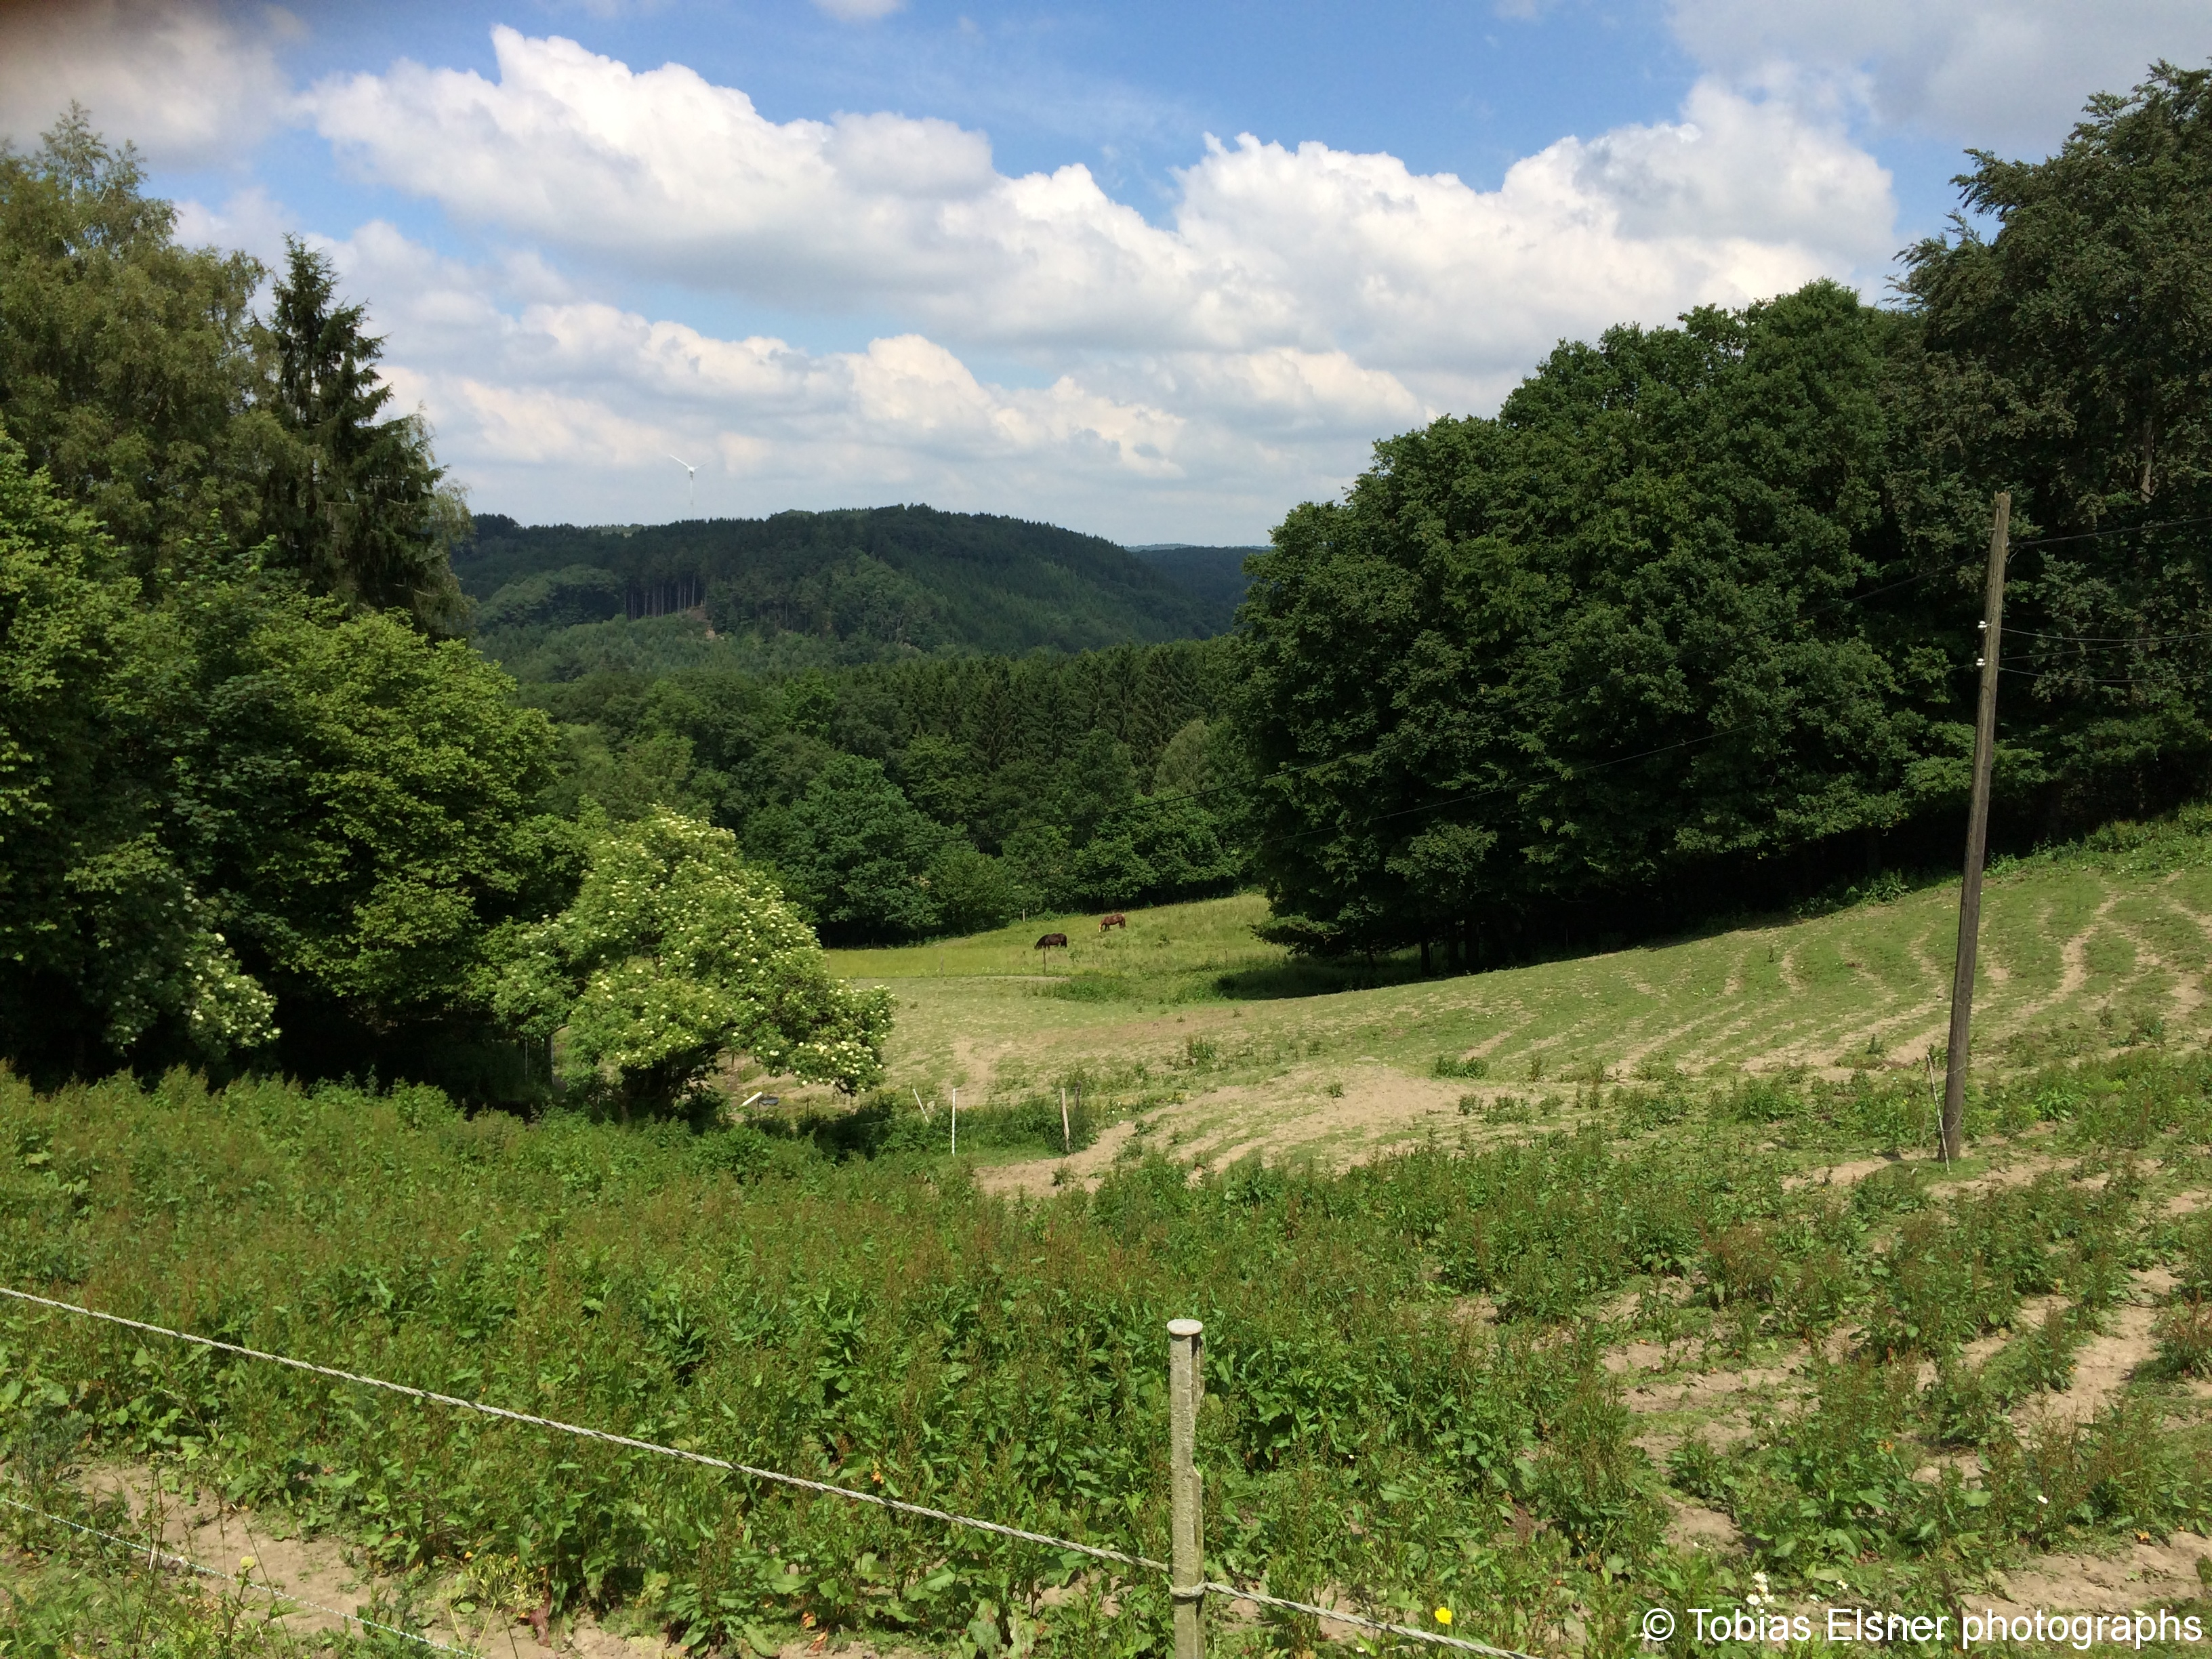 Wanderung Wald Wasser Wolle Weg Radevormwald 2014 Nr.46